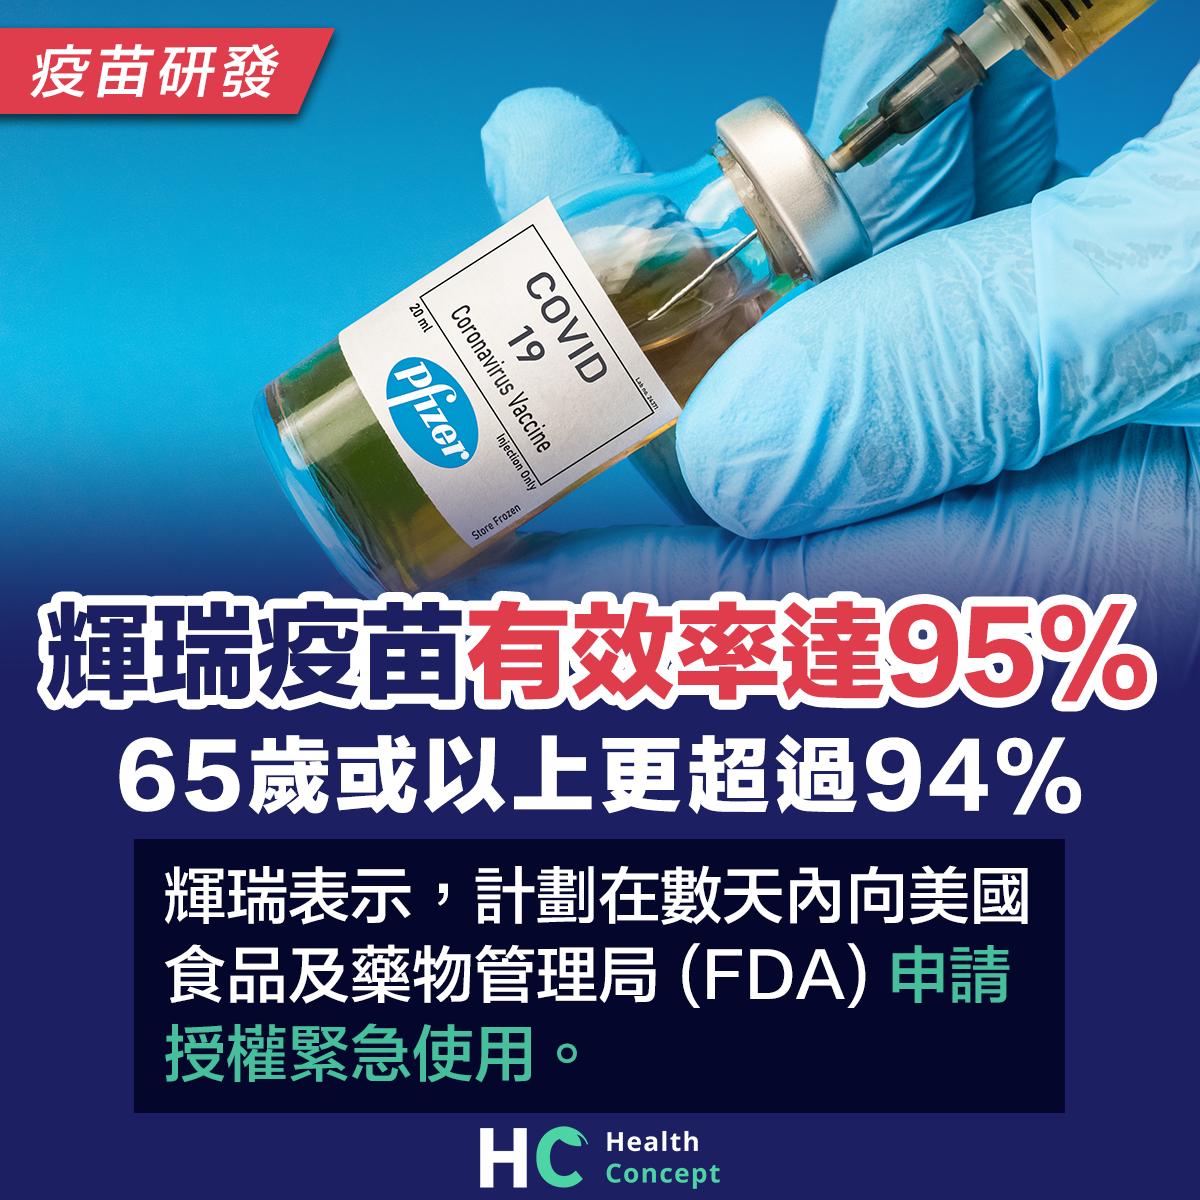 輝瑞疫苗有效率達95% 65歲或以上更超過94%